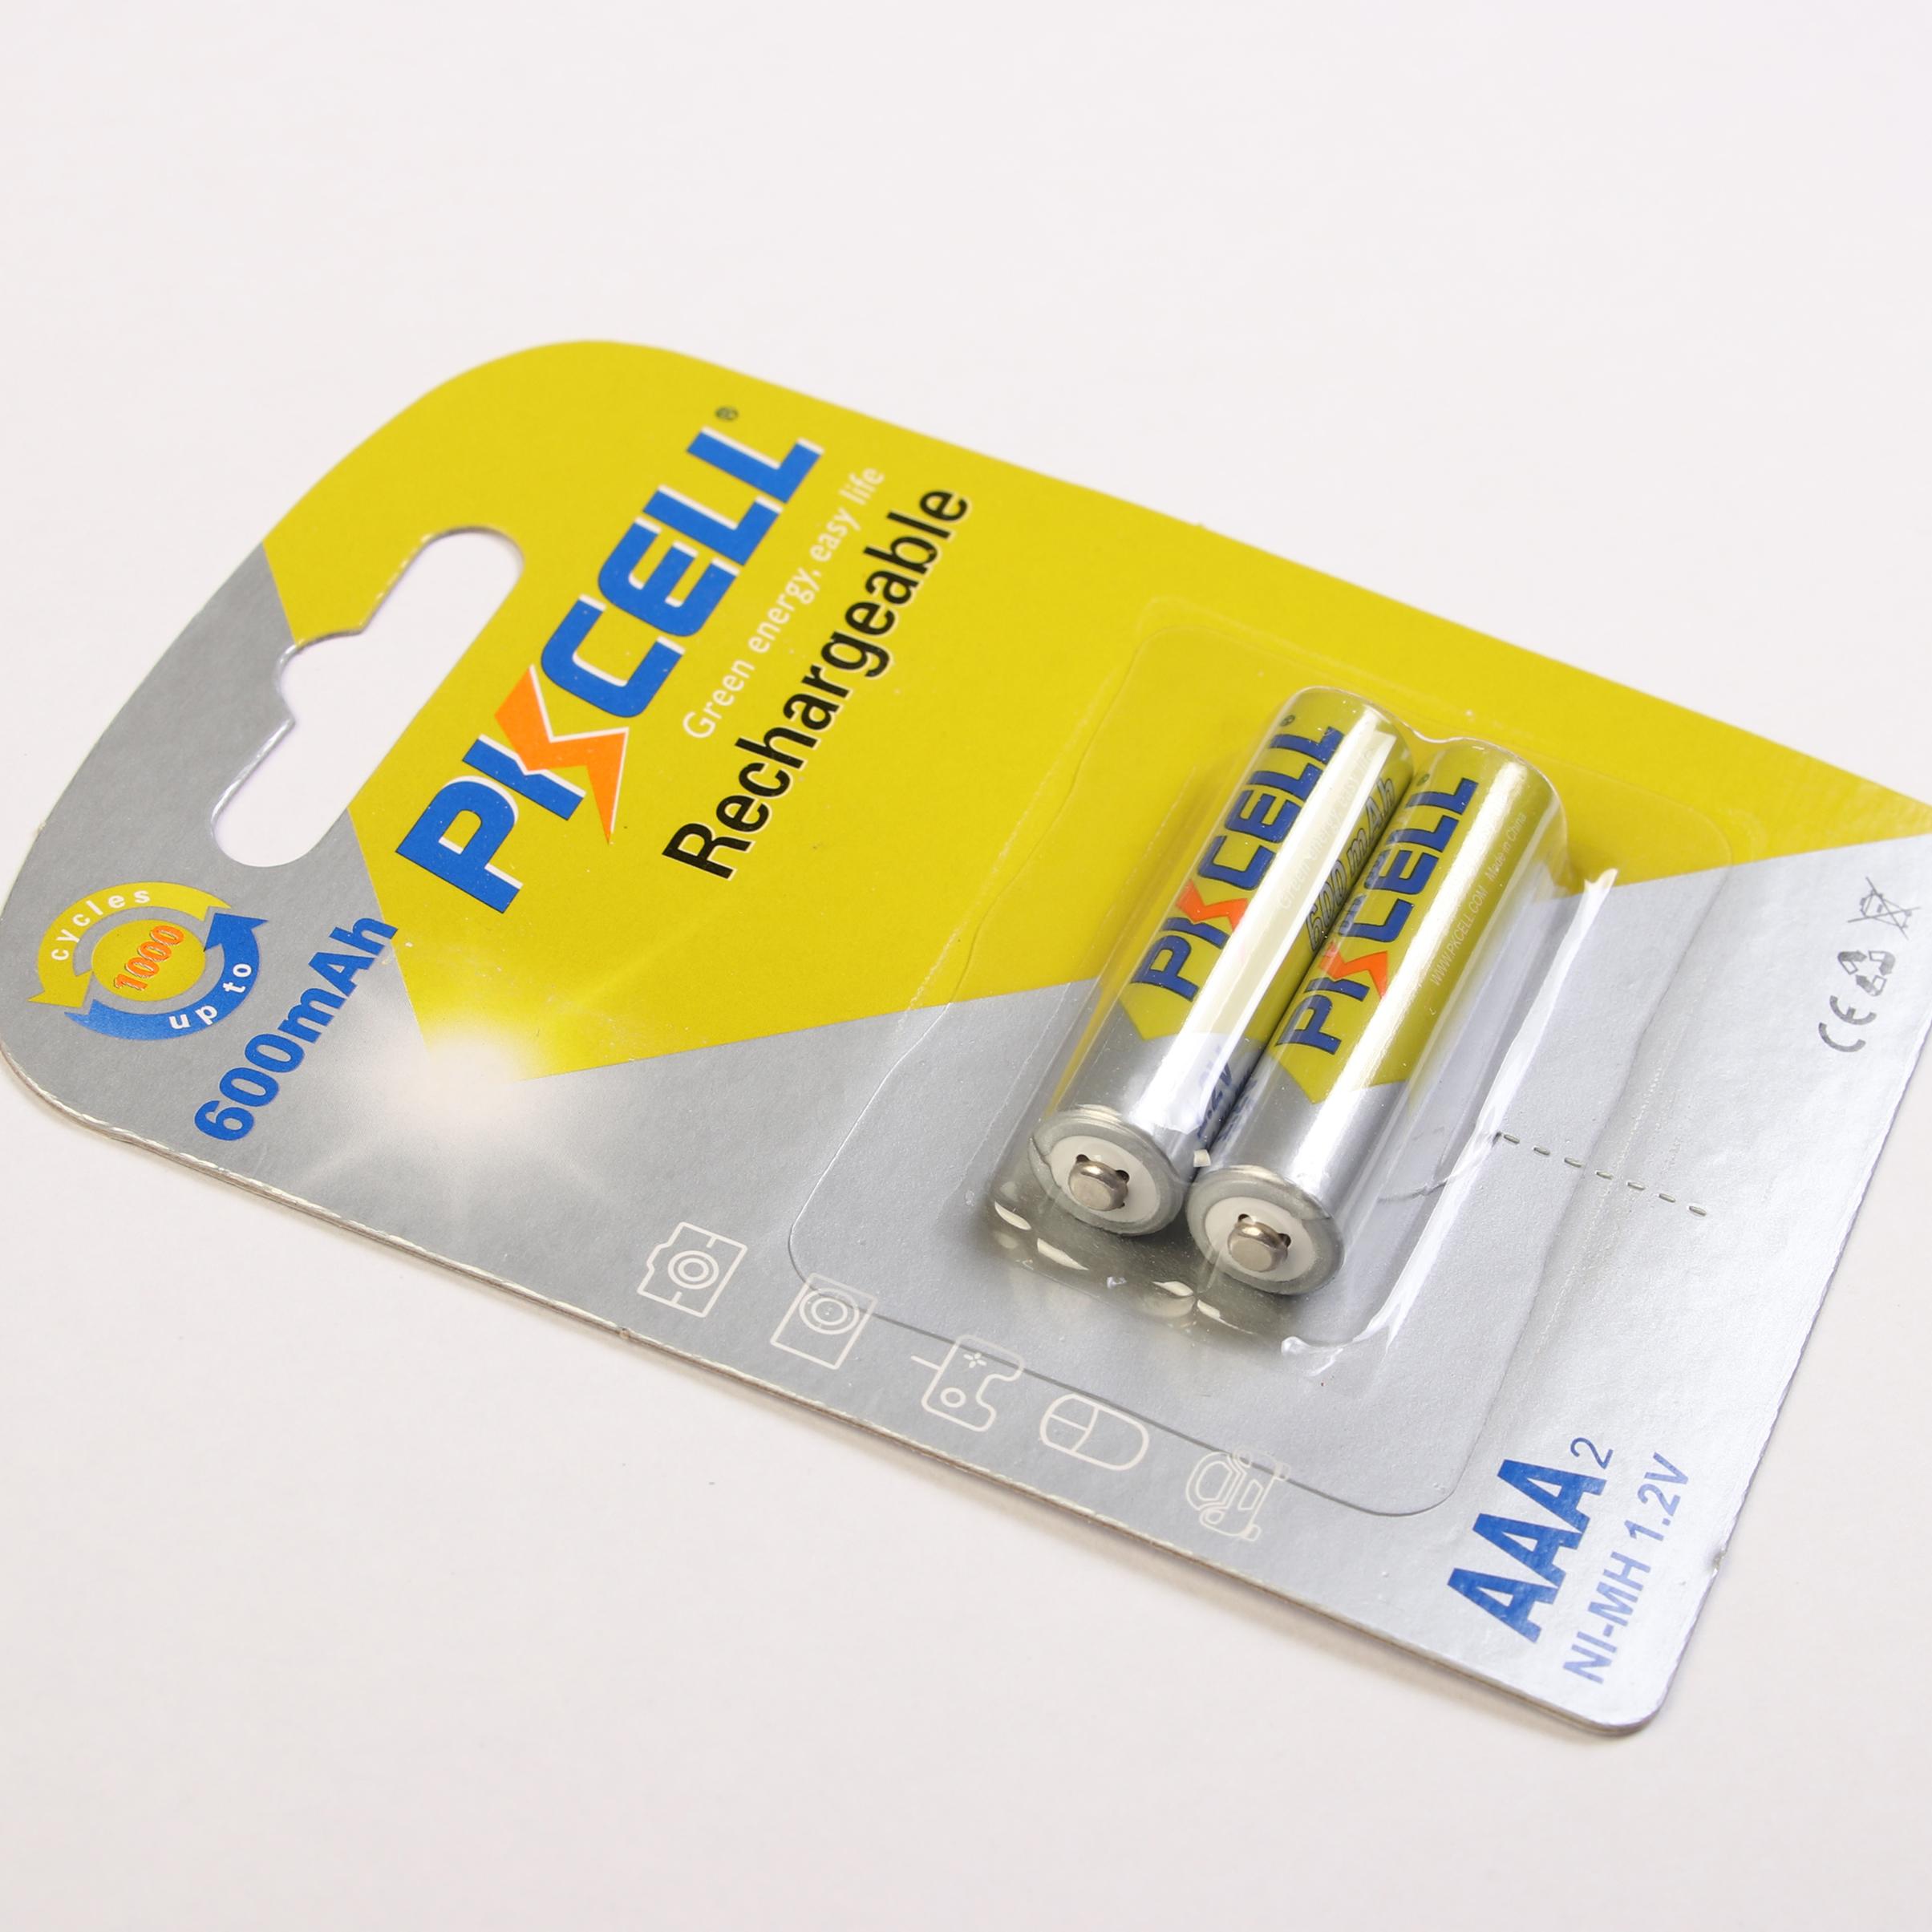 باتری نیم قلمی قابل شارژ پیکسل مدل Green Energy 600 بسته 2 عددی